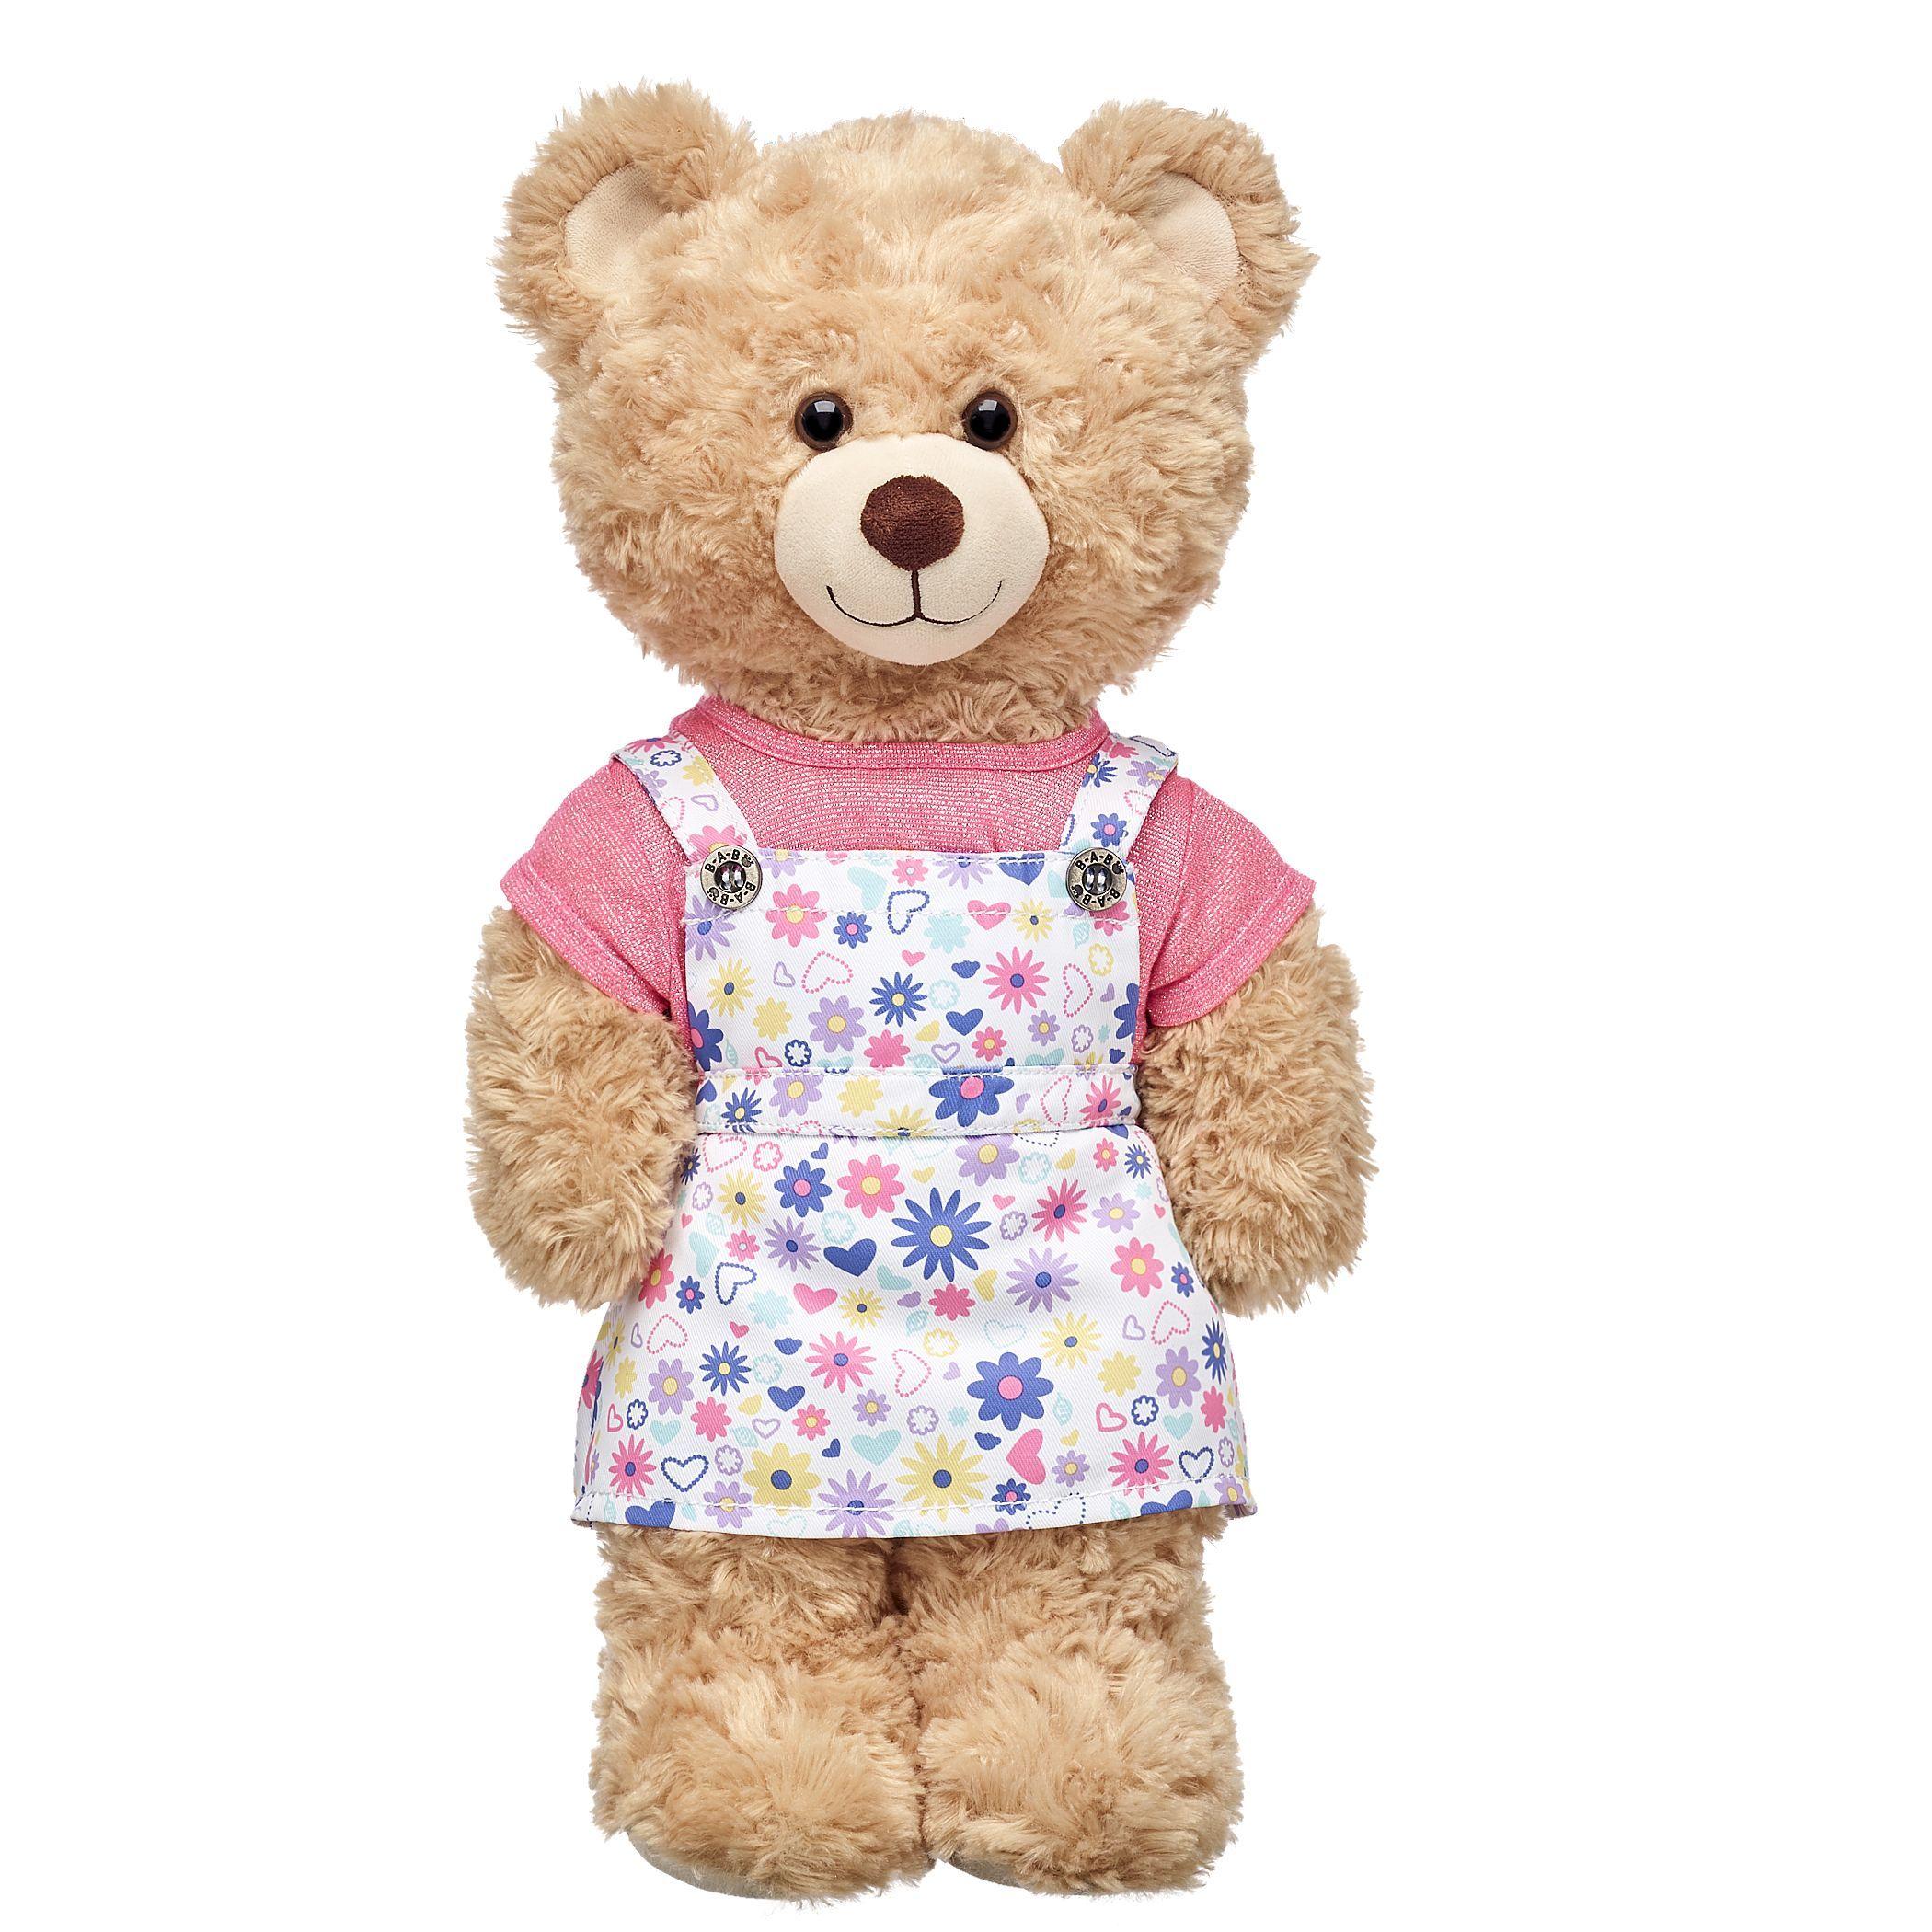 Flower skirtall 2 pc build a bear bear teddy bear